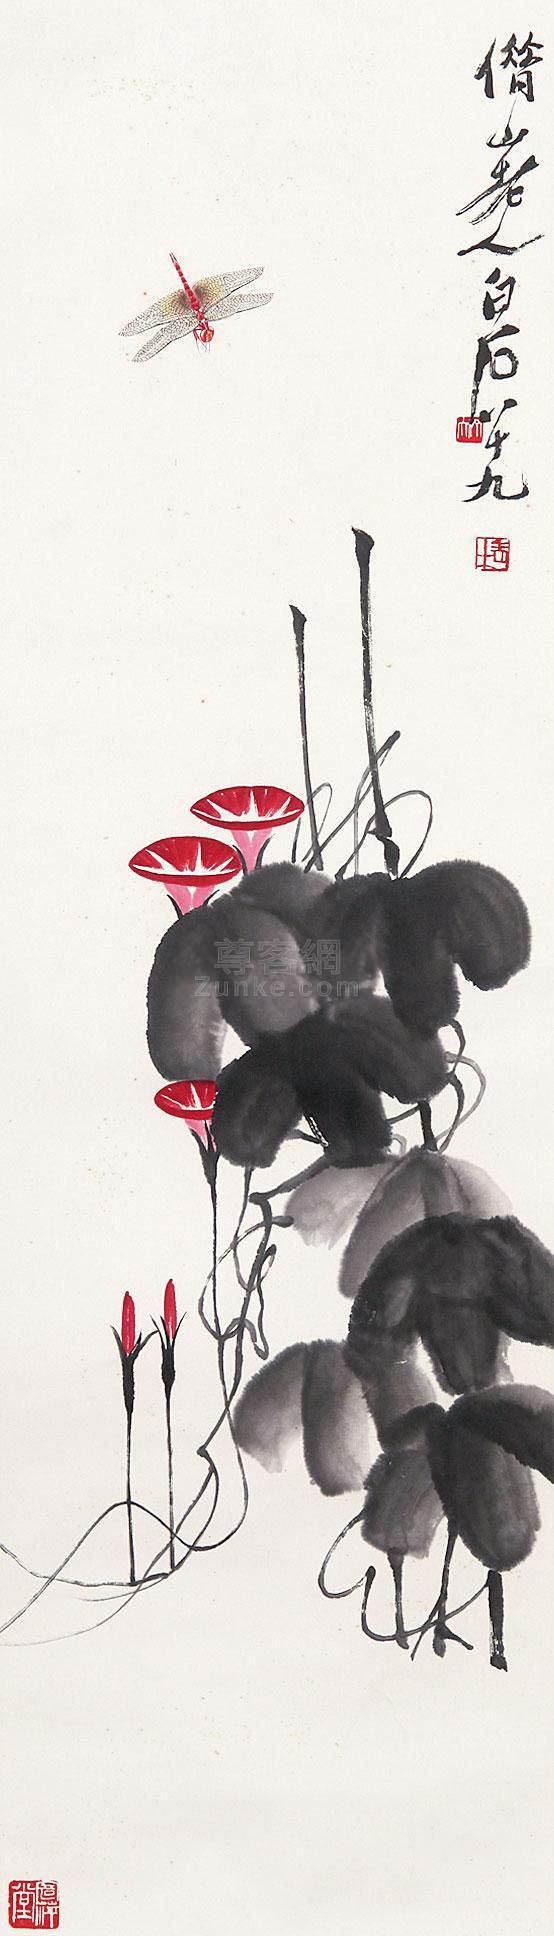 齐白石 牵牛花蜻蜓 镜片 纸本作品欣赏